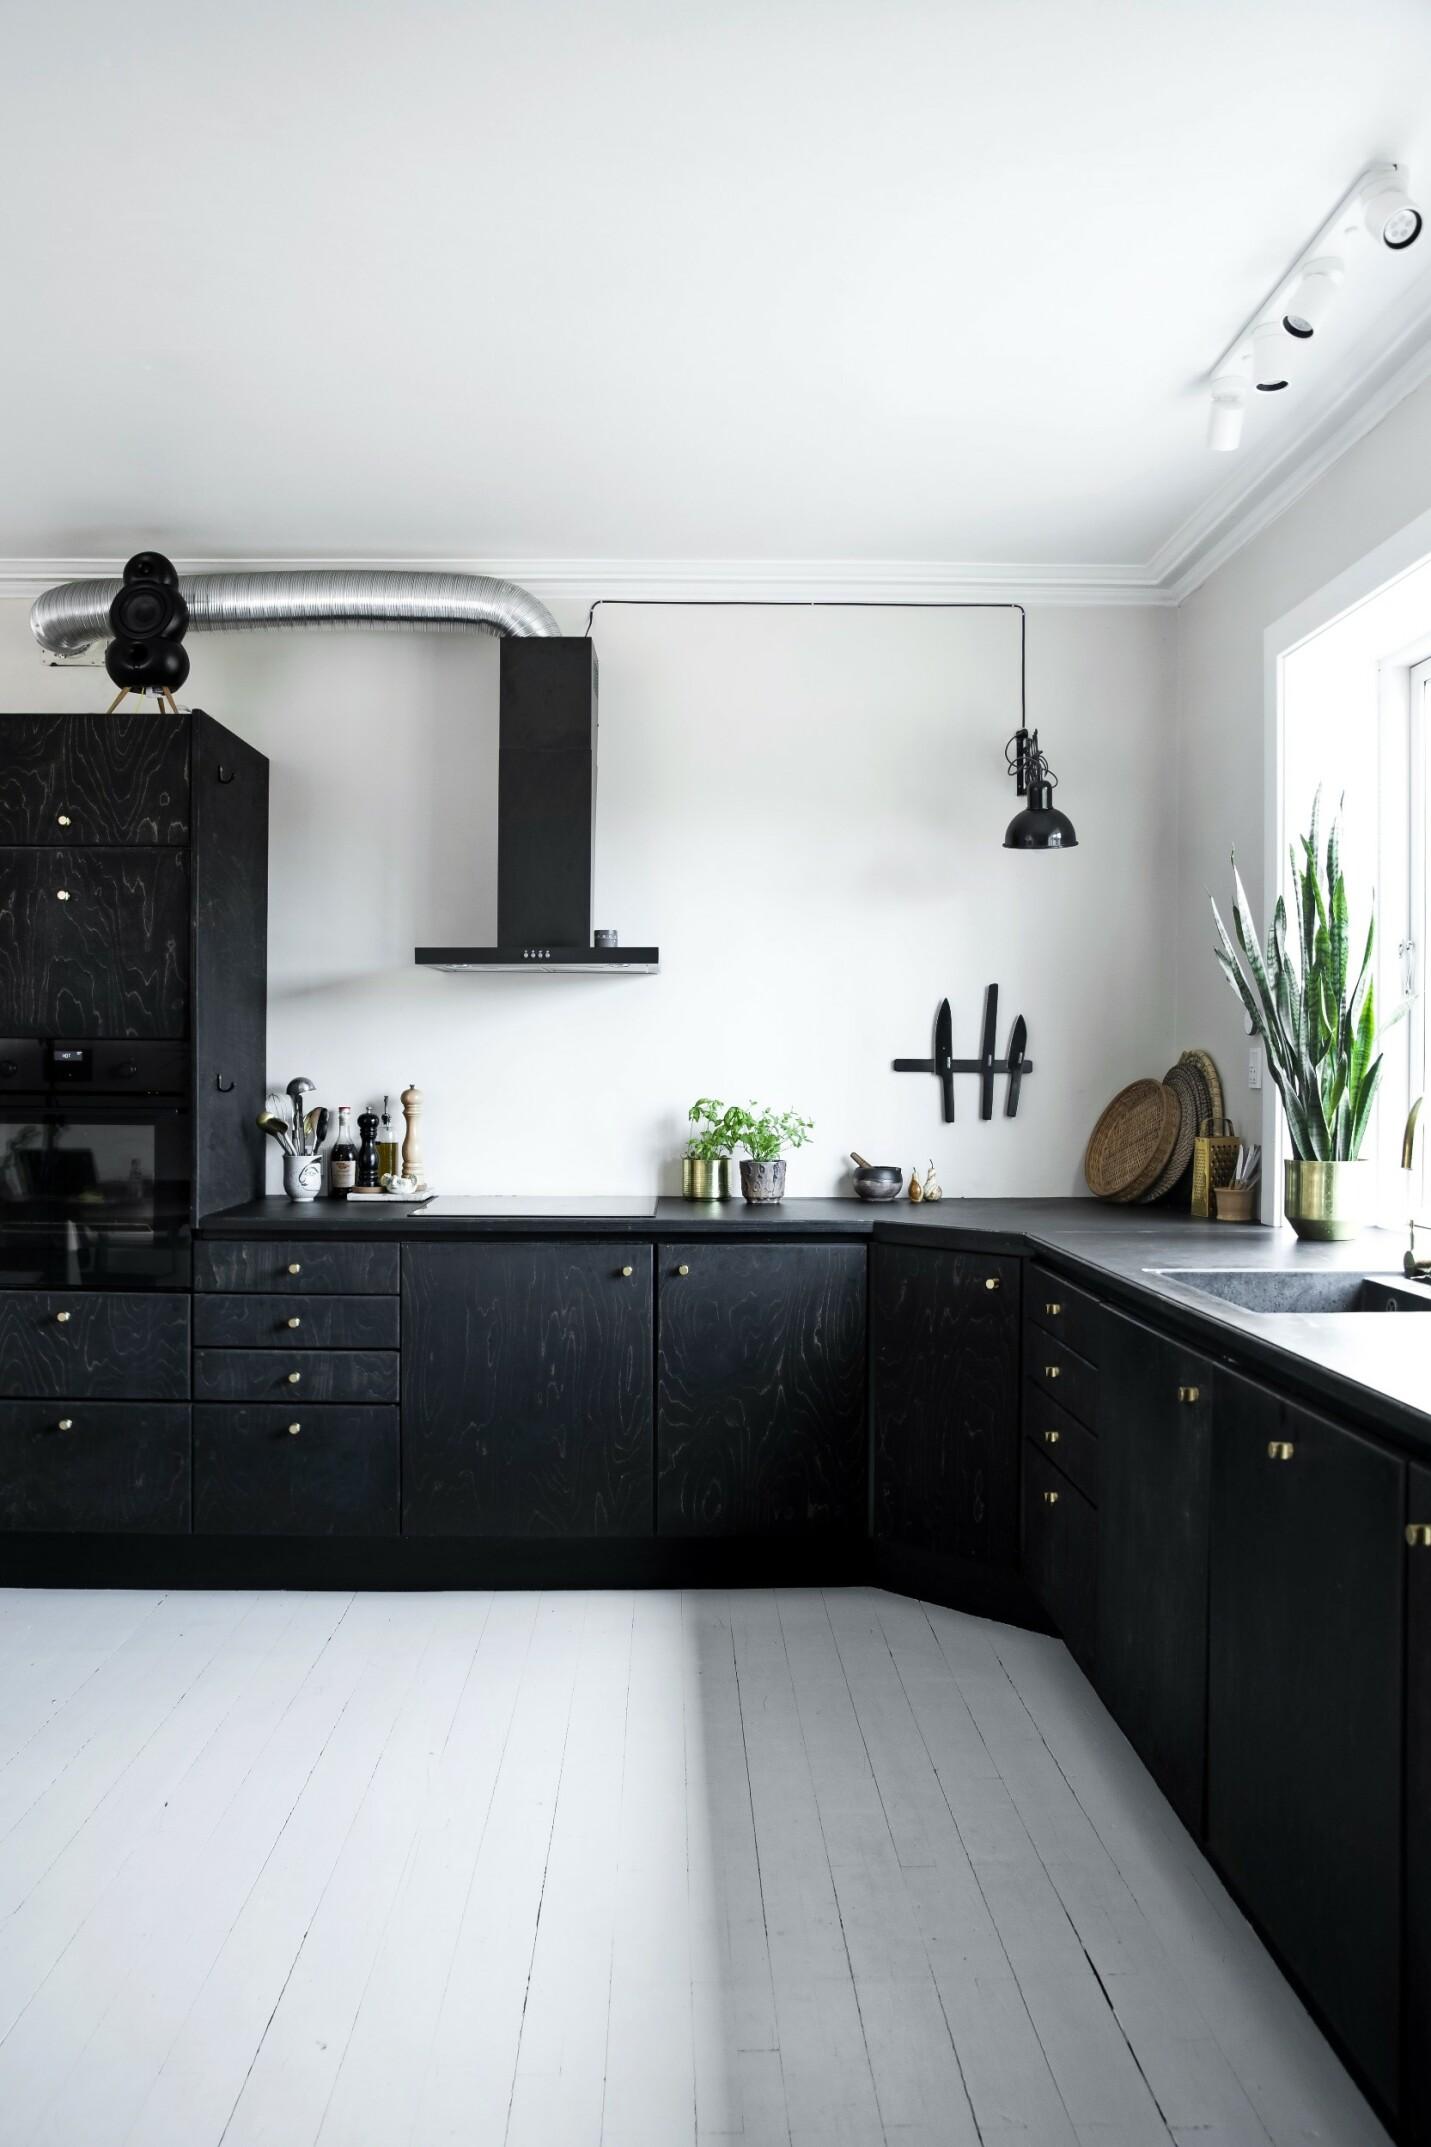 Line tok ned overskapene fra det gamle kjøkkenet slik at rommet nå framstår mer luftig og moderne.